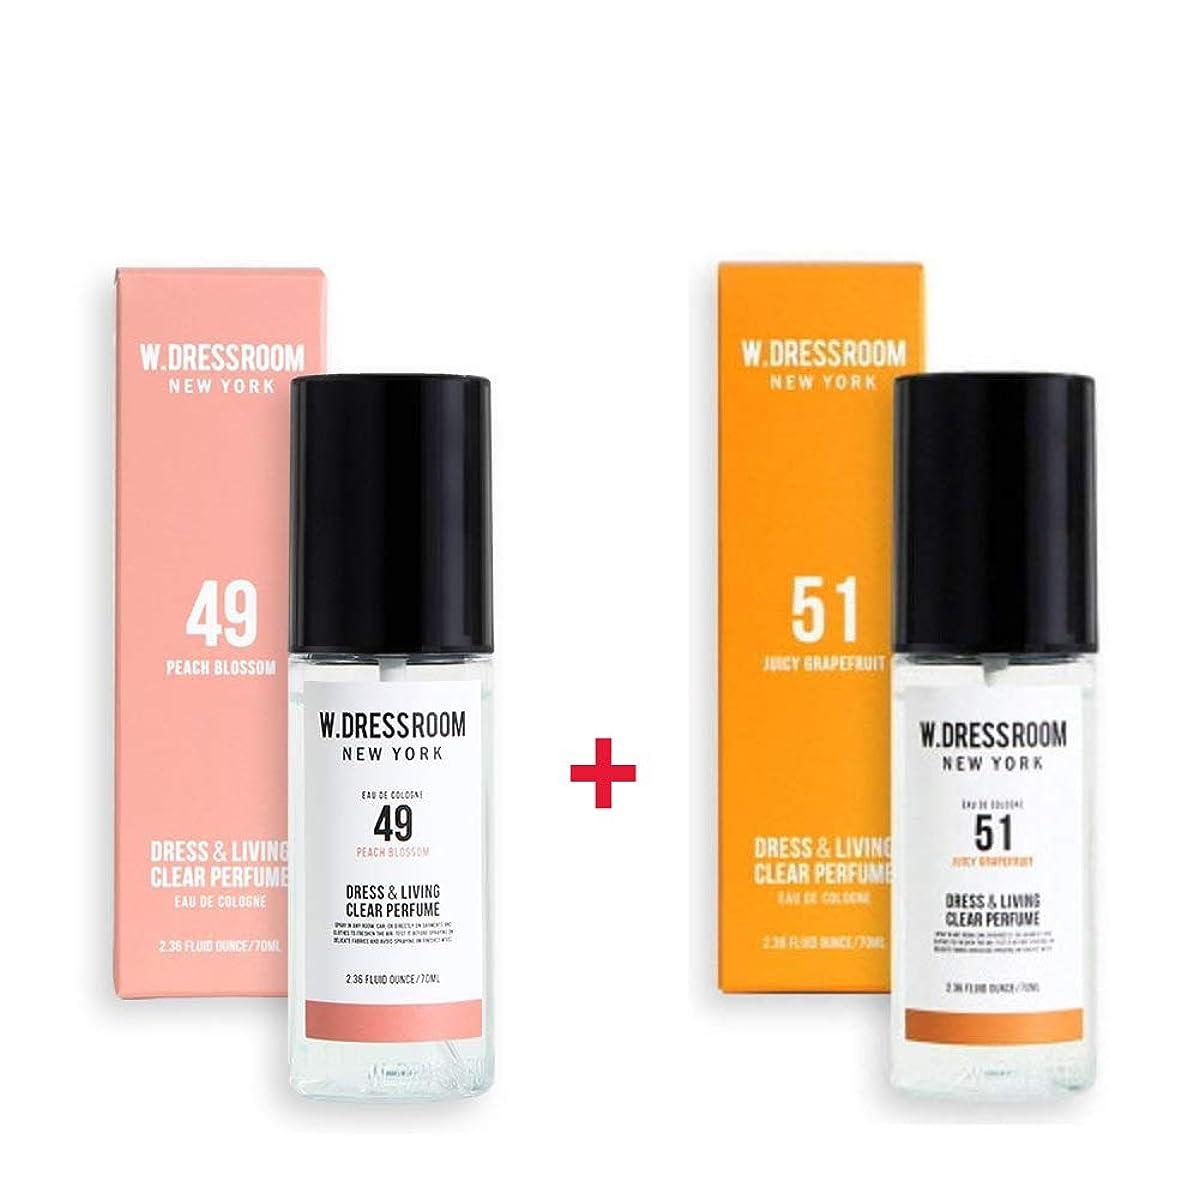 学校の先生動脈時計回りW.DRESSROOM Dress & Living Clear Perfume 70ml (No 49 Peach Blossom)+(No 51 Juicy Grapefruit)